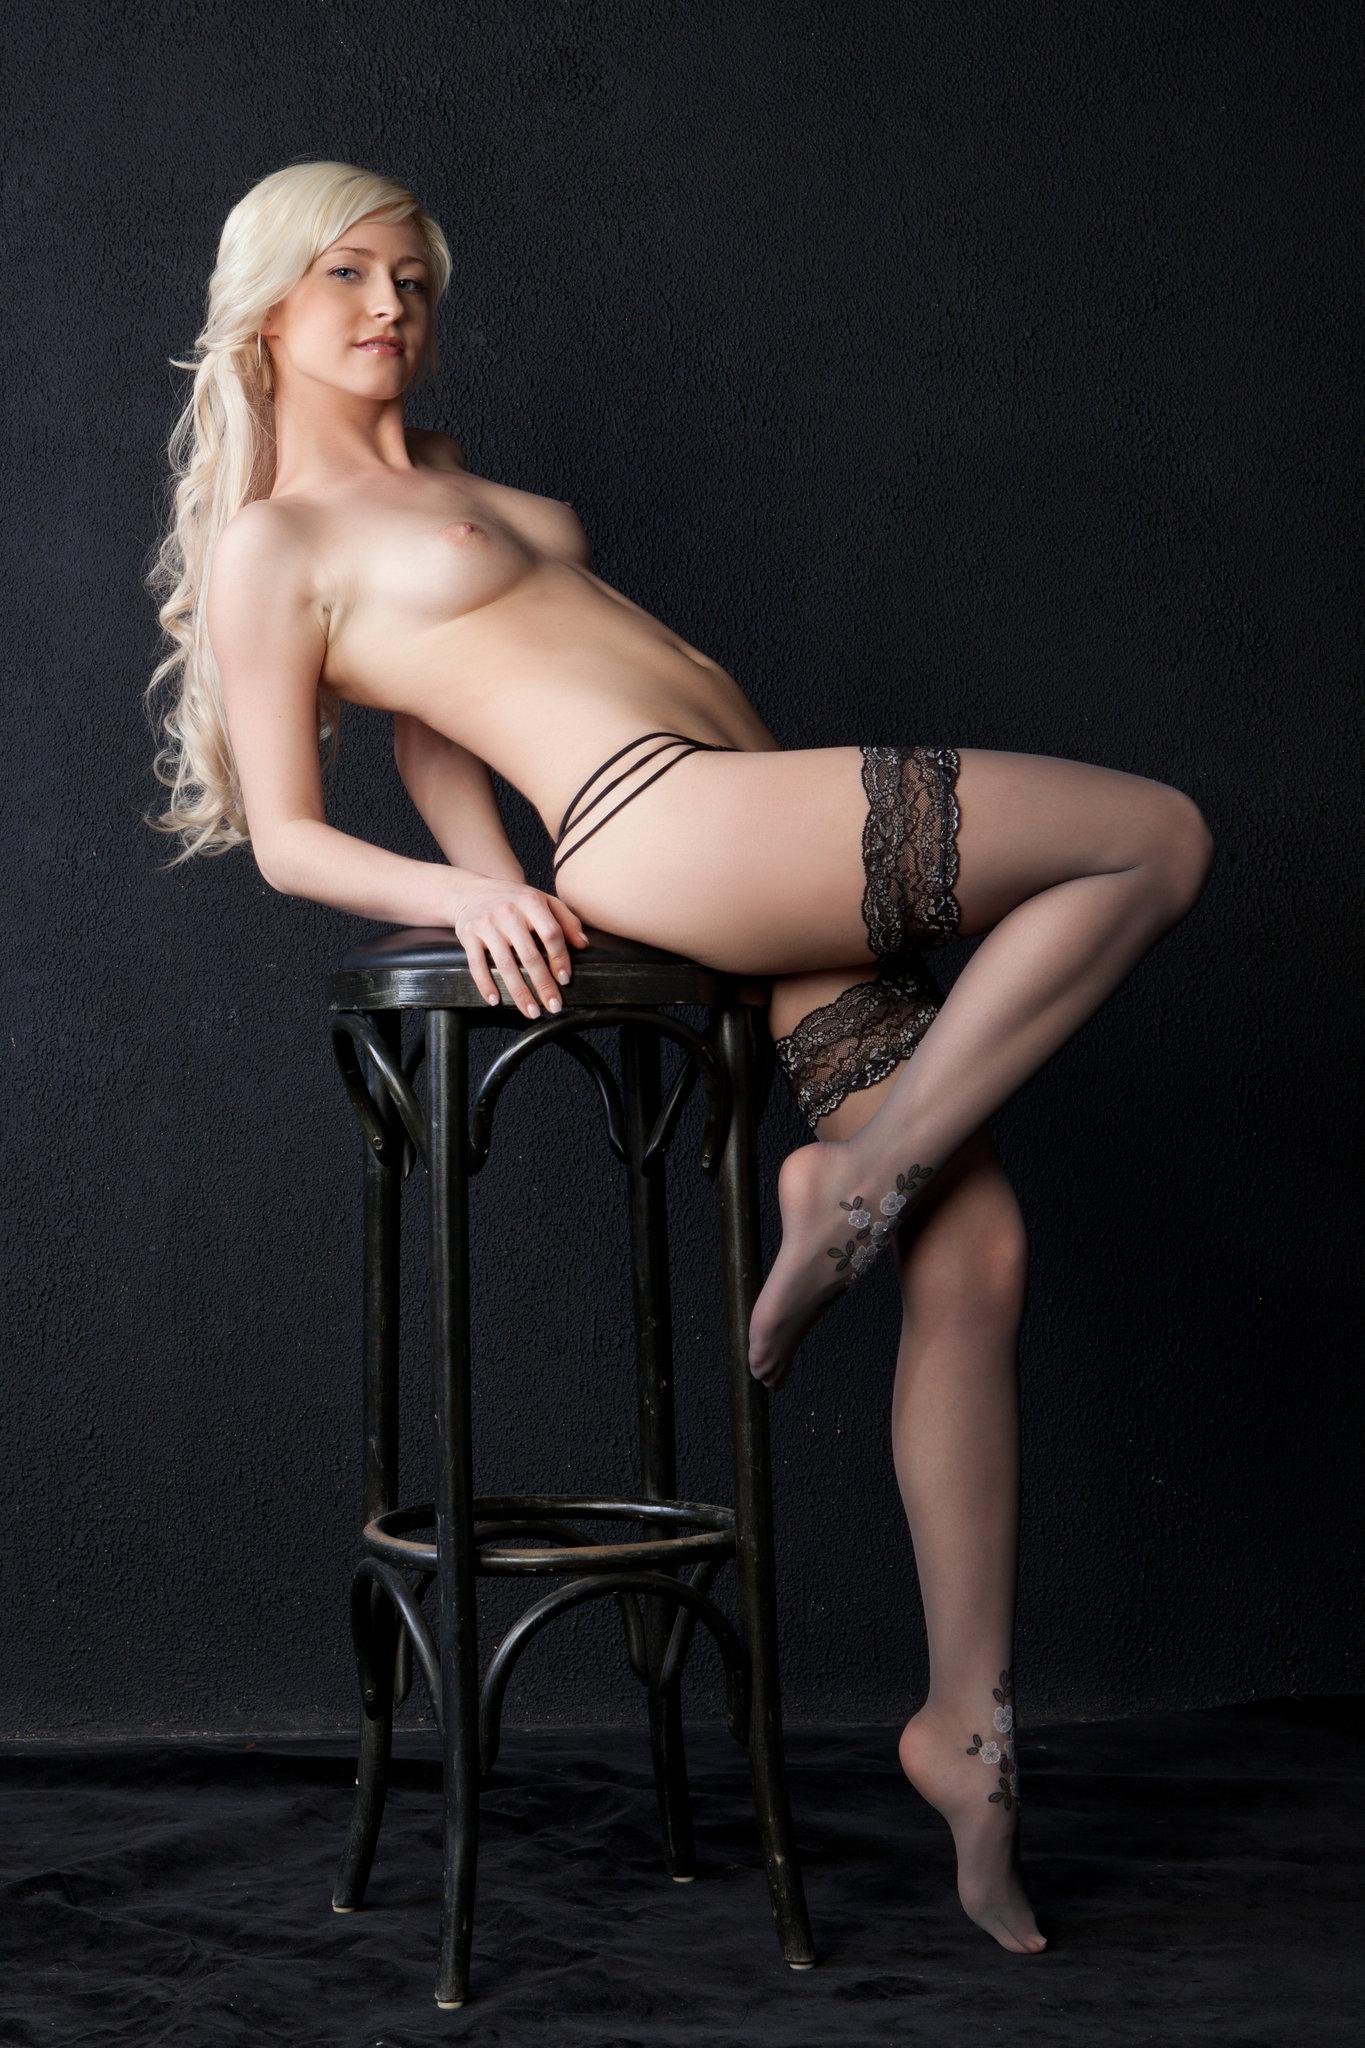 Janelle Porn